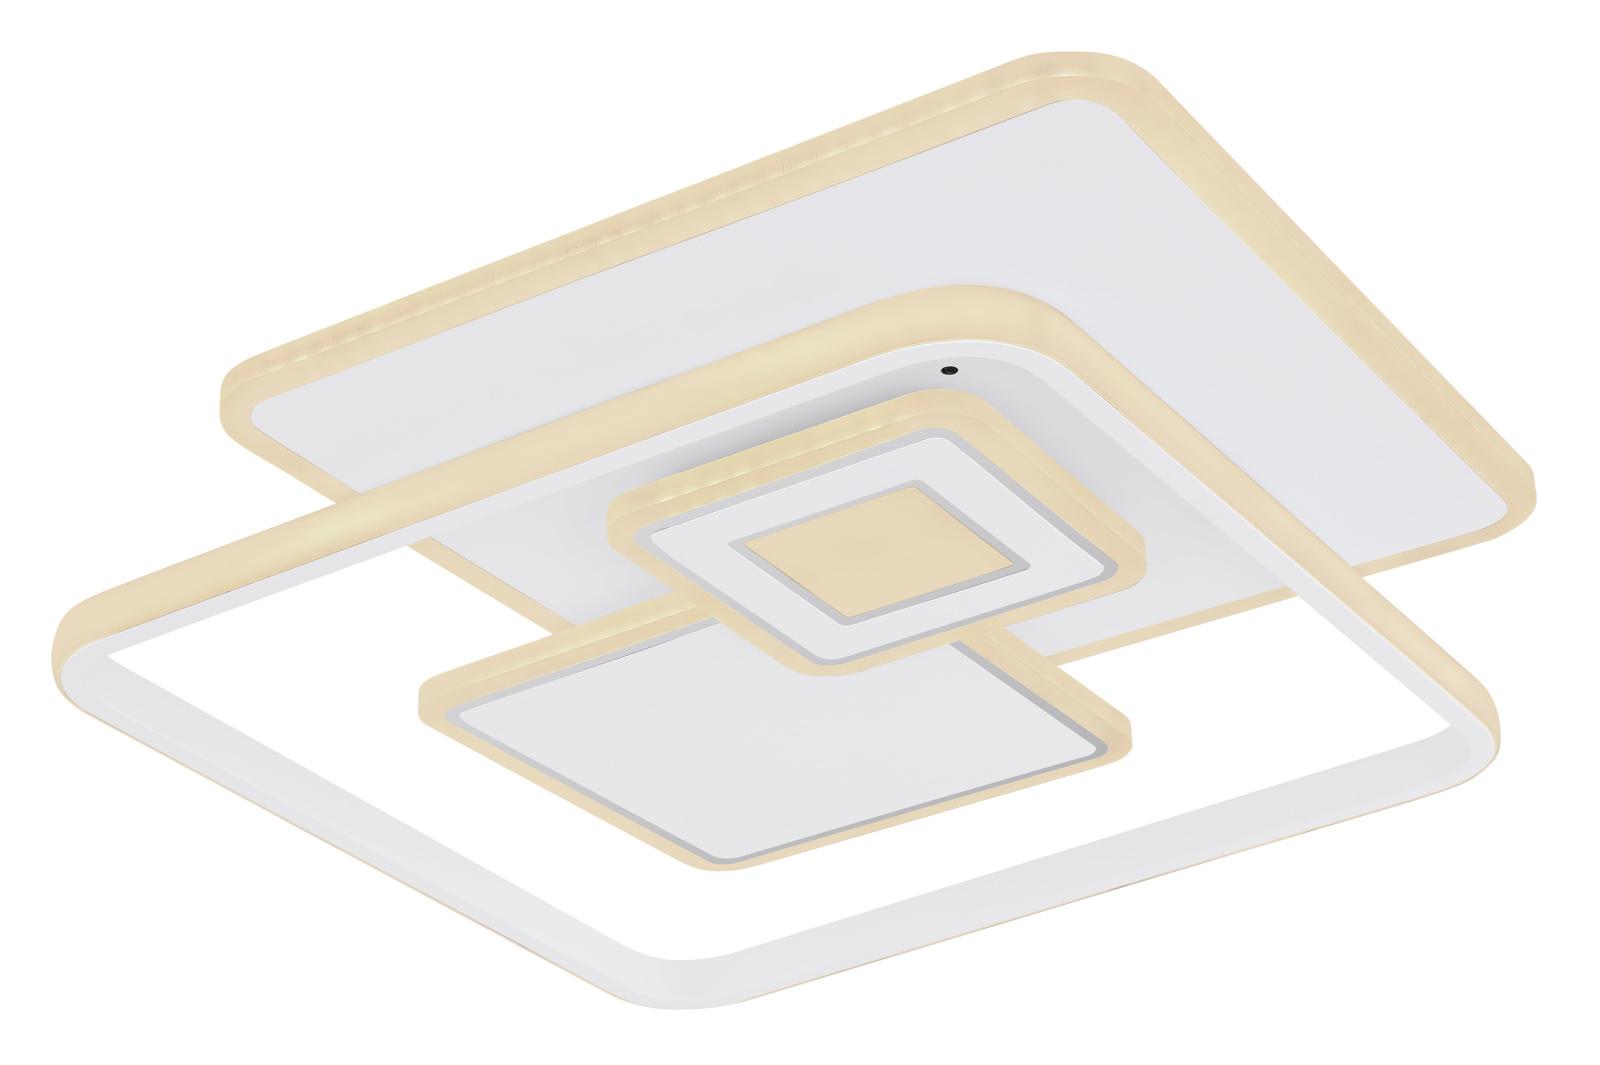 Mennyezeti lámpa fém fehér alaplap, akril opál búrával inkl. 1xLED 50W 230V,  3400lm